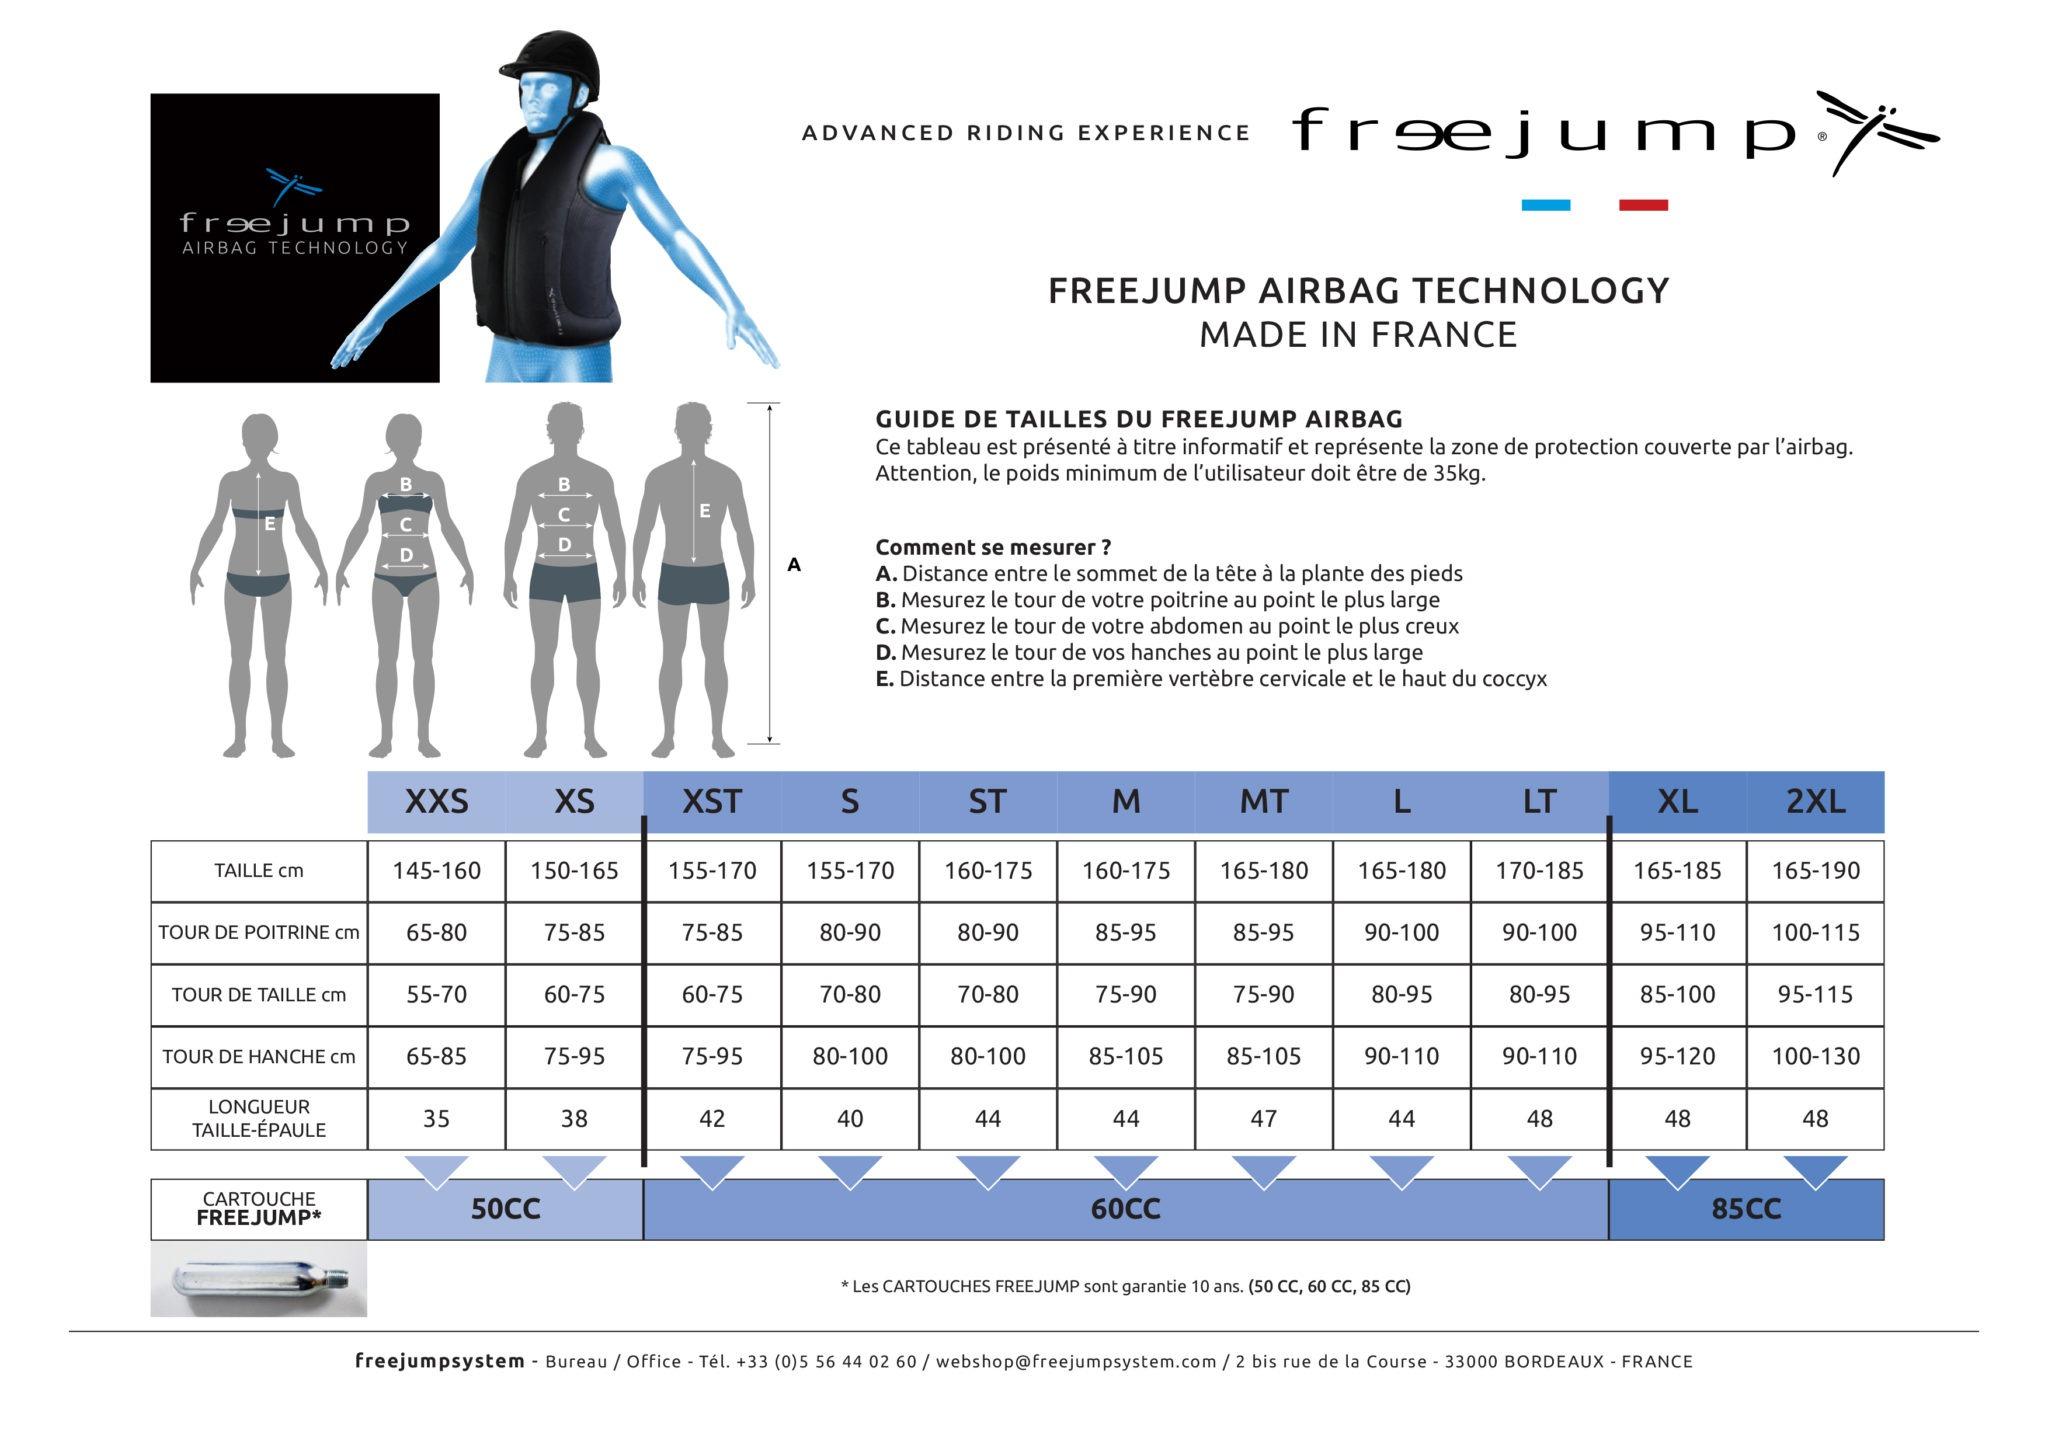 Guide des tailles gilet airbag freejump - Le Paturon